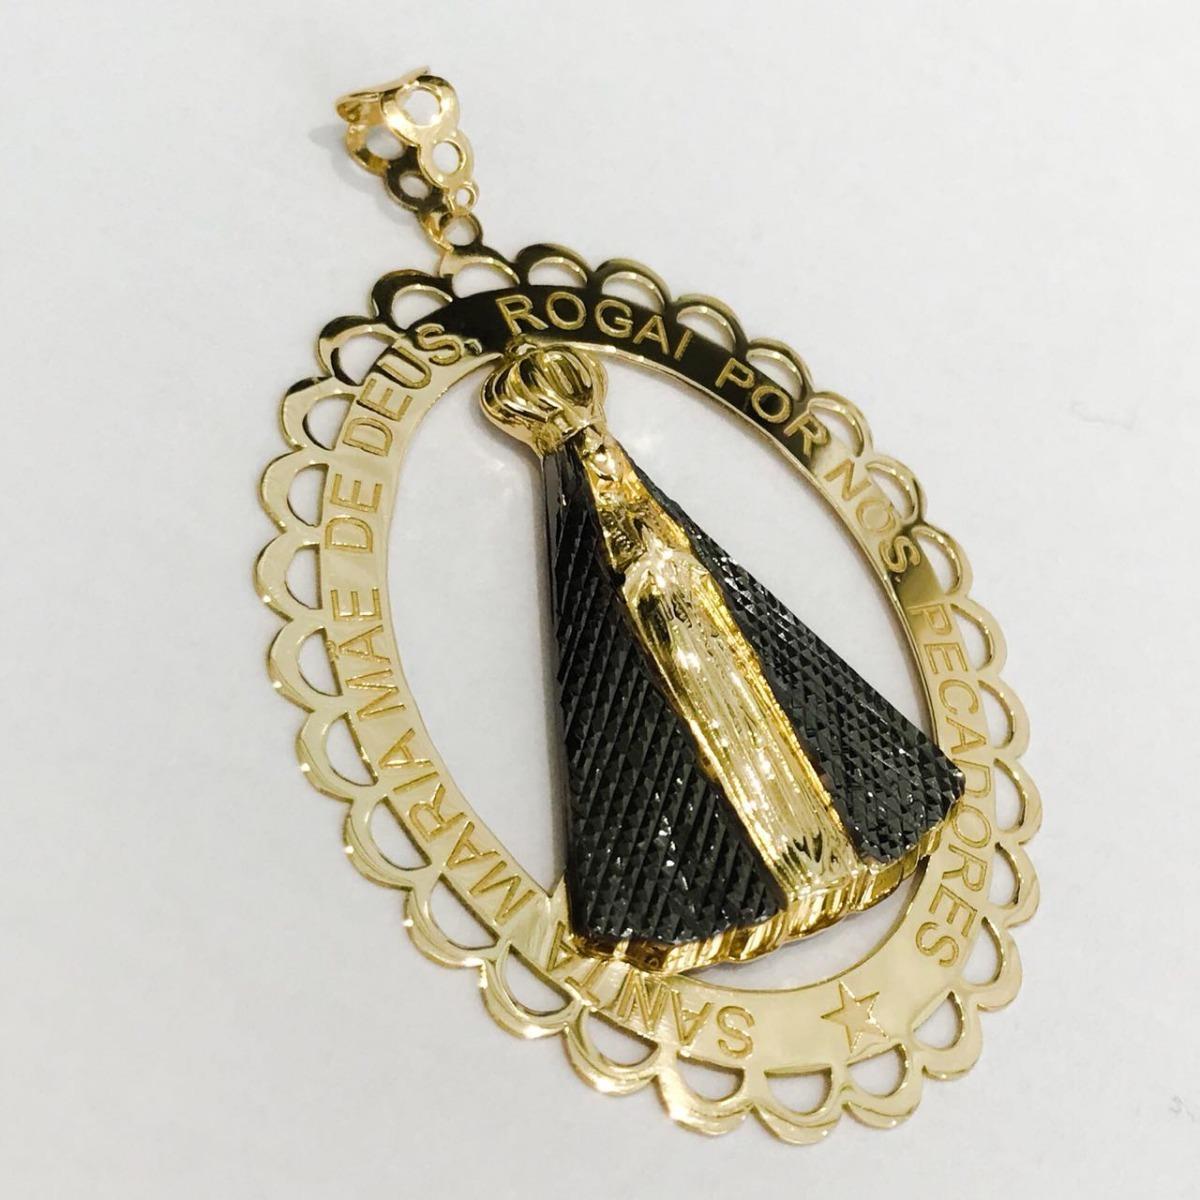 b4c01192db708 pingente mandala nossa senhora aparecida ouro 18k linda jóia. Carregando  zoom.